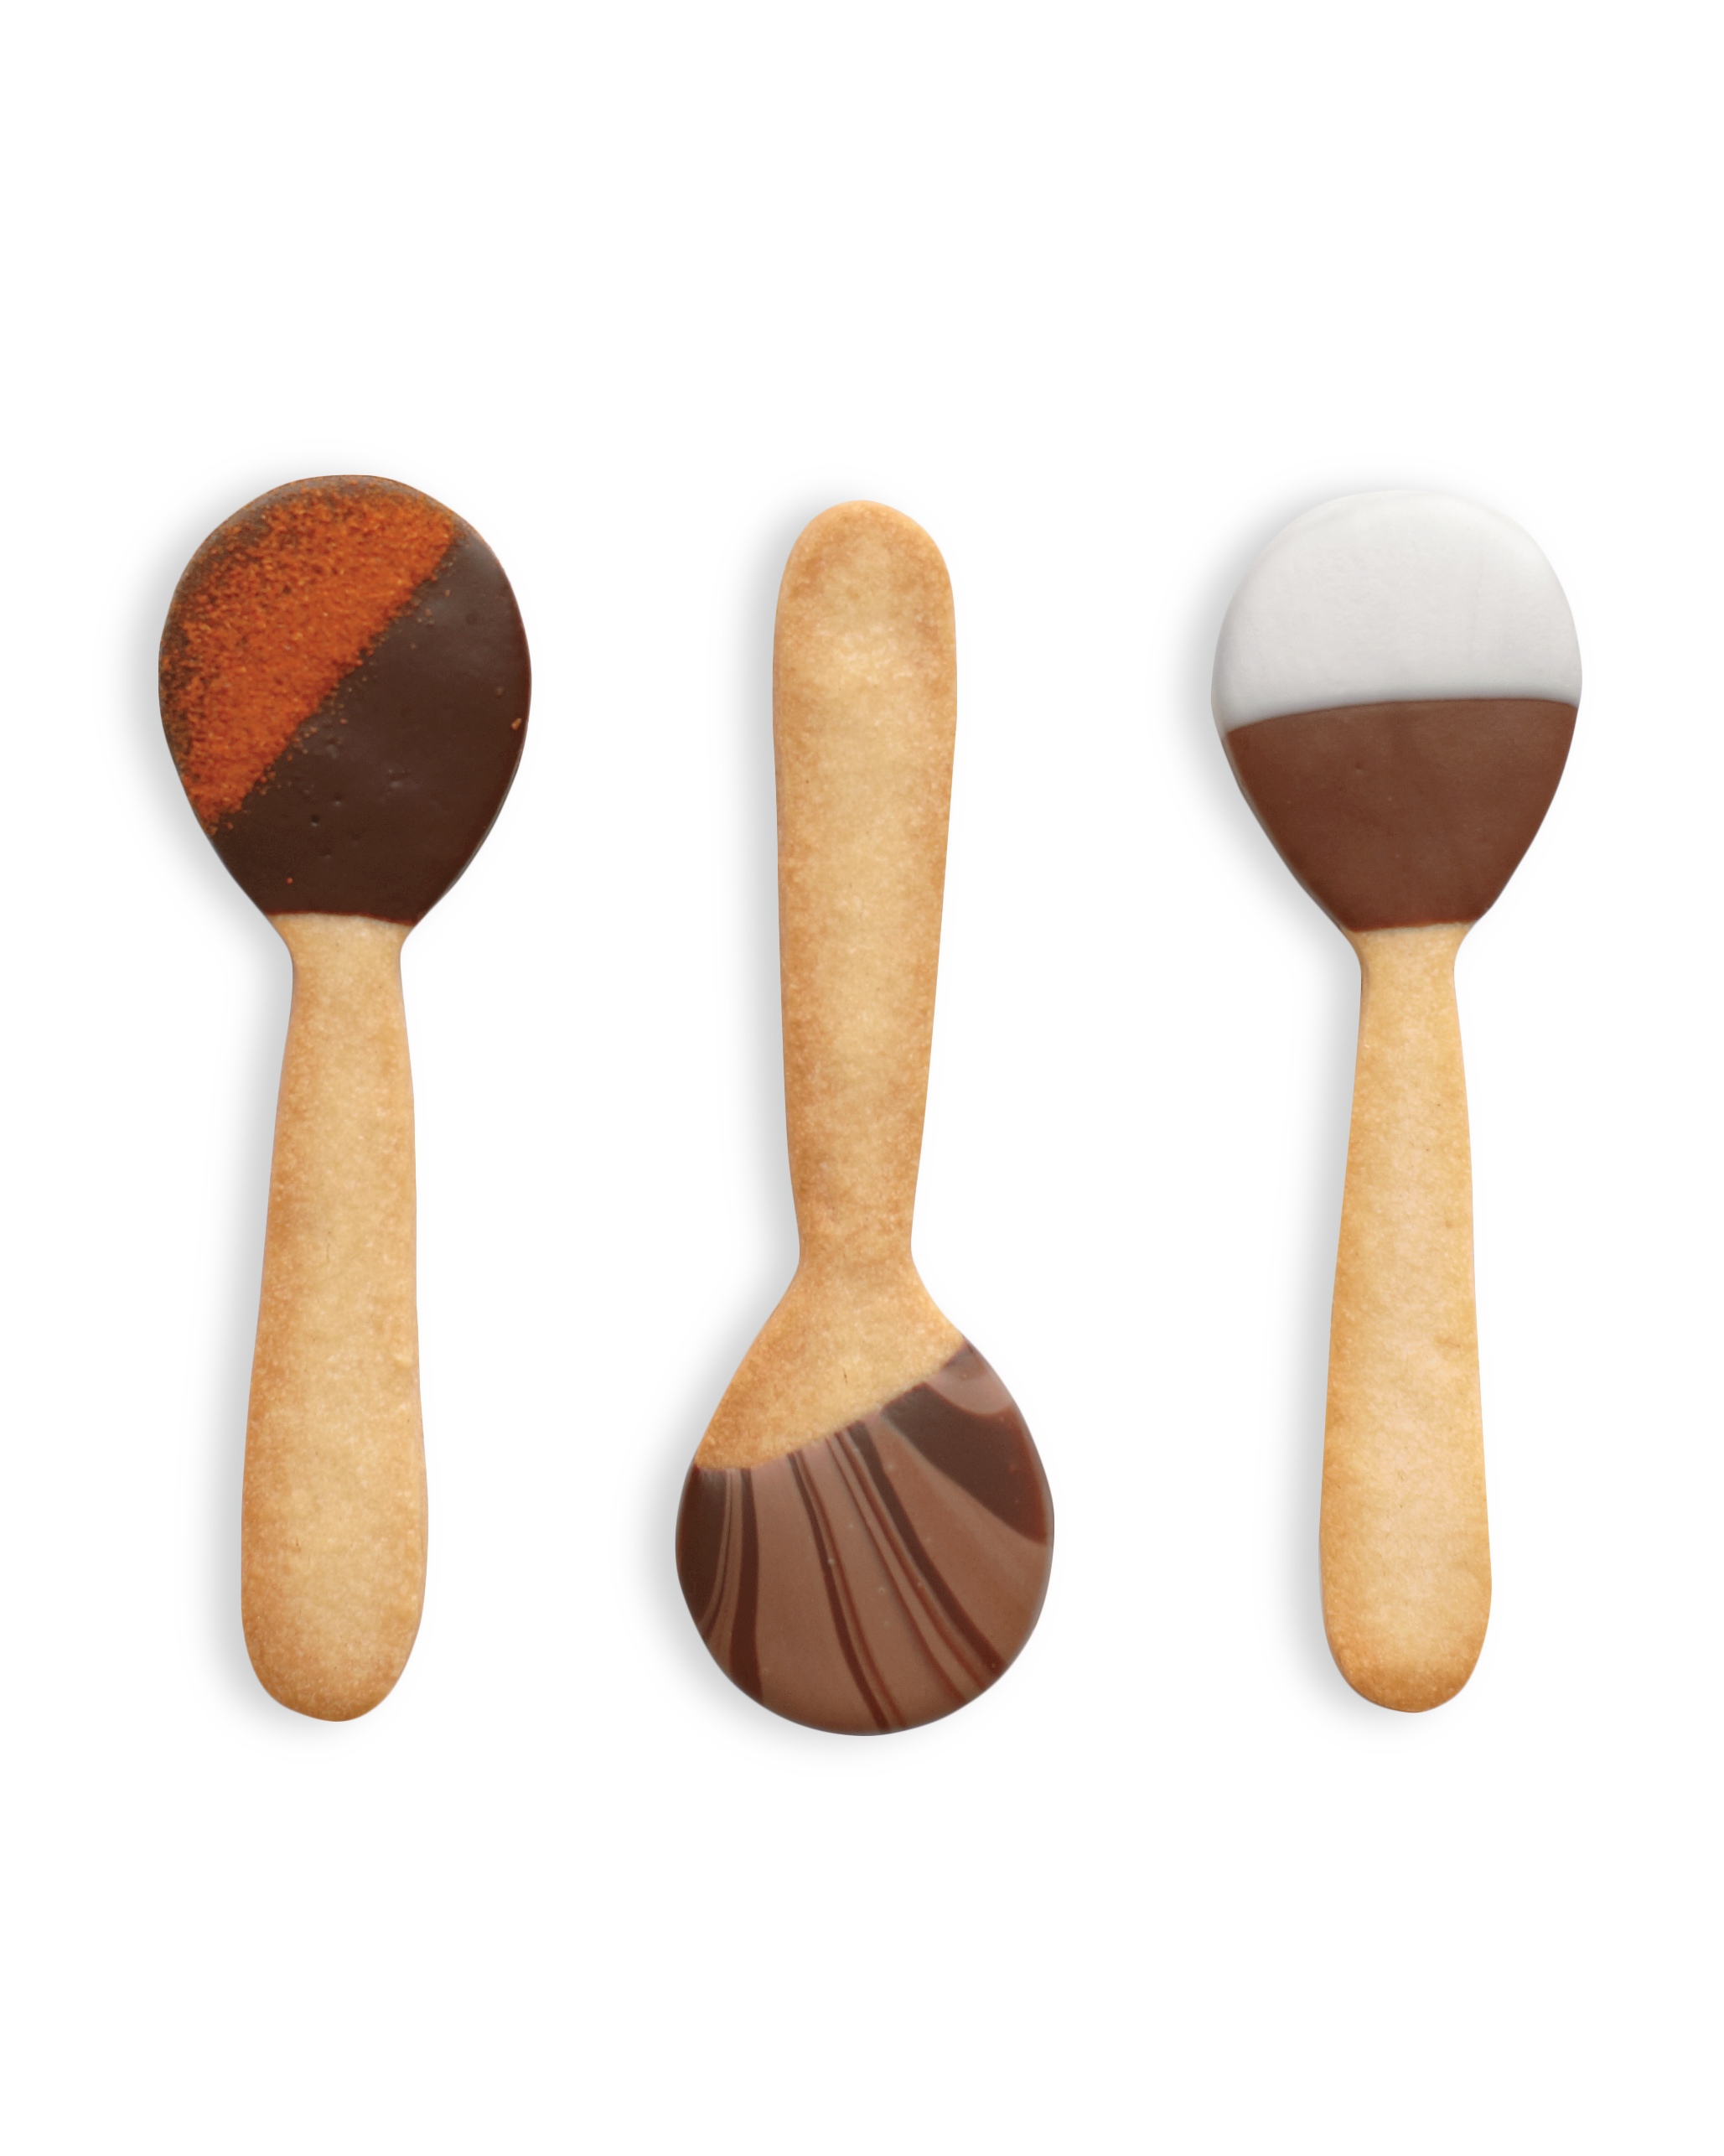 cookie-spoon-mwd109353.jpg